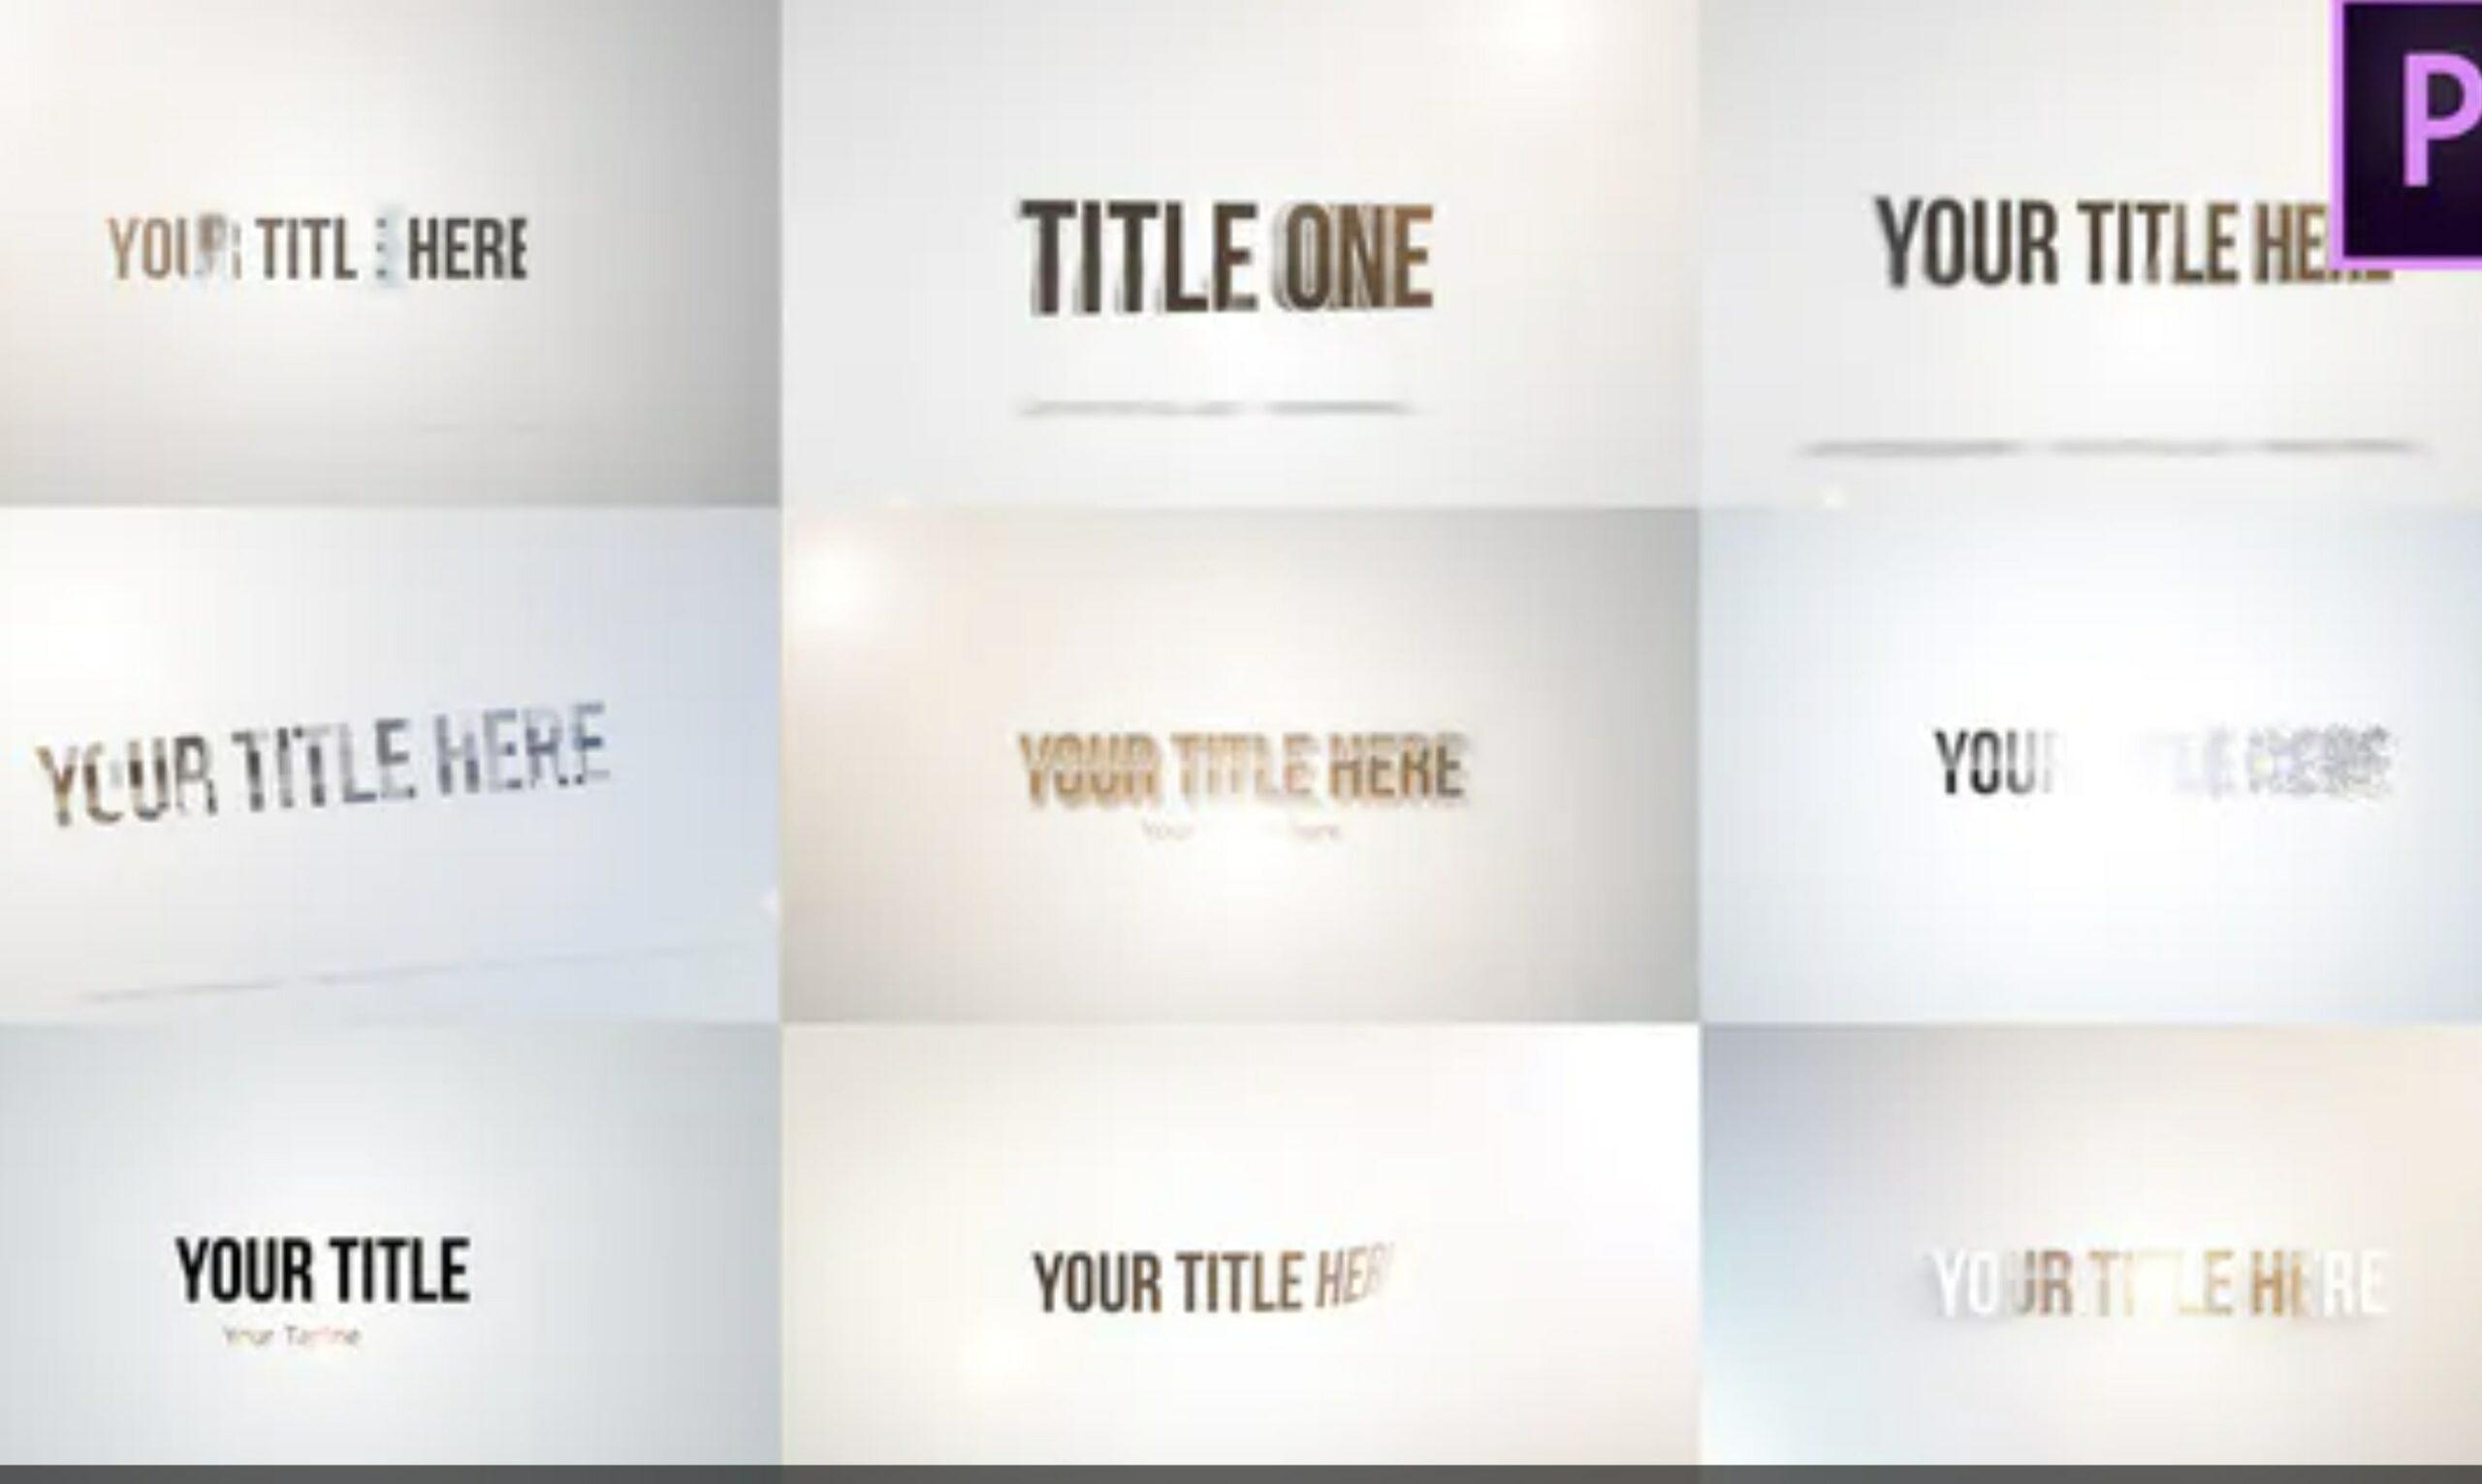 premiere pro titles